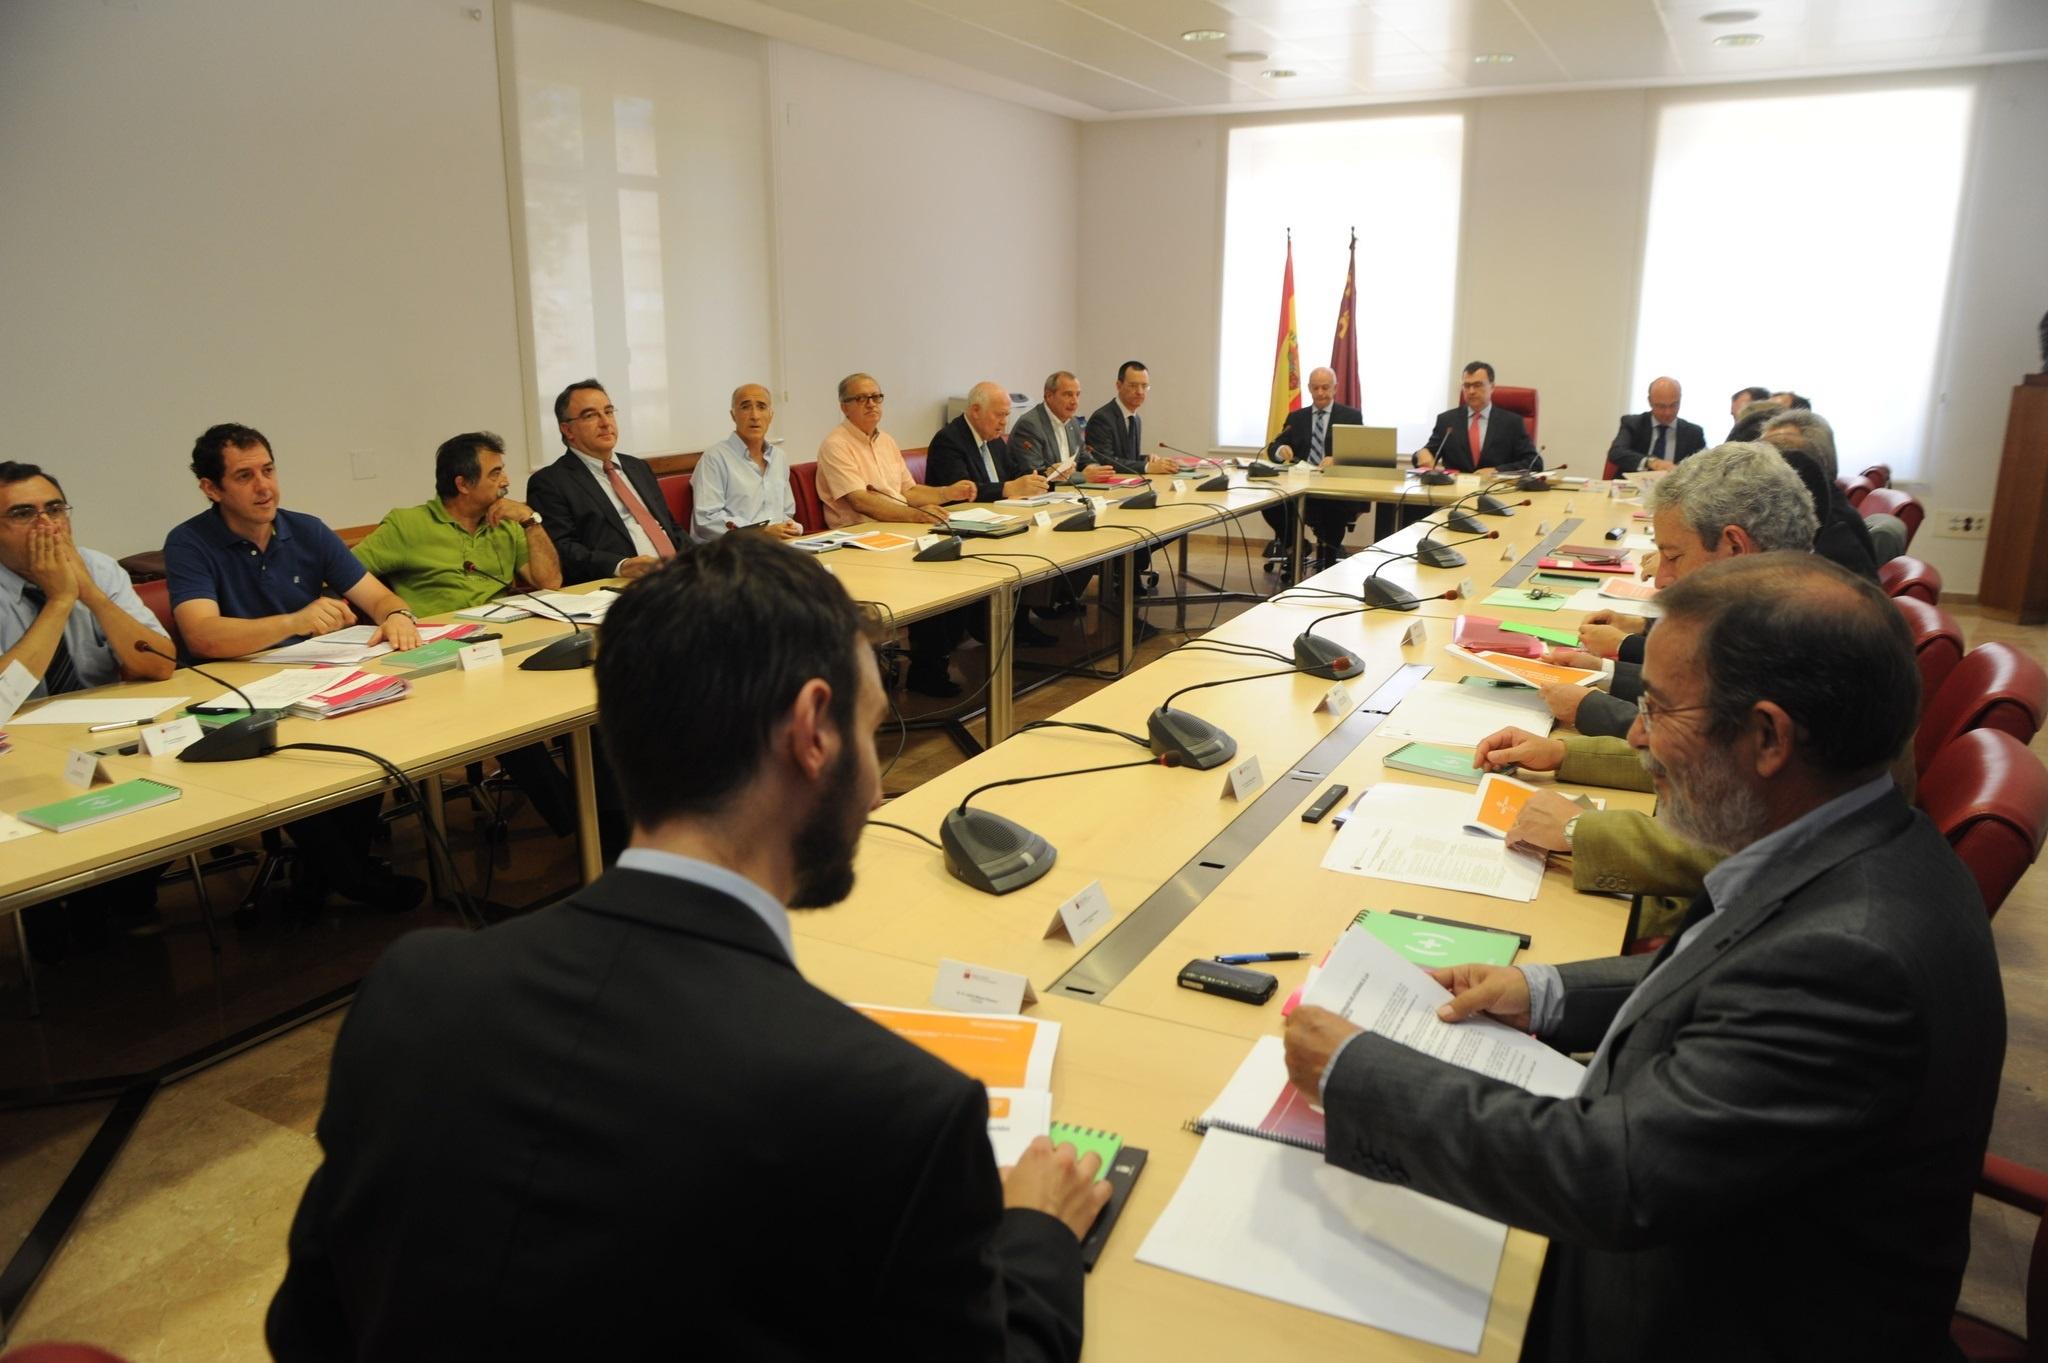 Murcia anuncia ayudas para investigadores líderes que se asienten en la región y creen nuevos grupos científicos